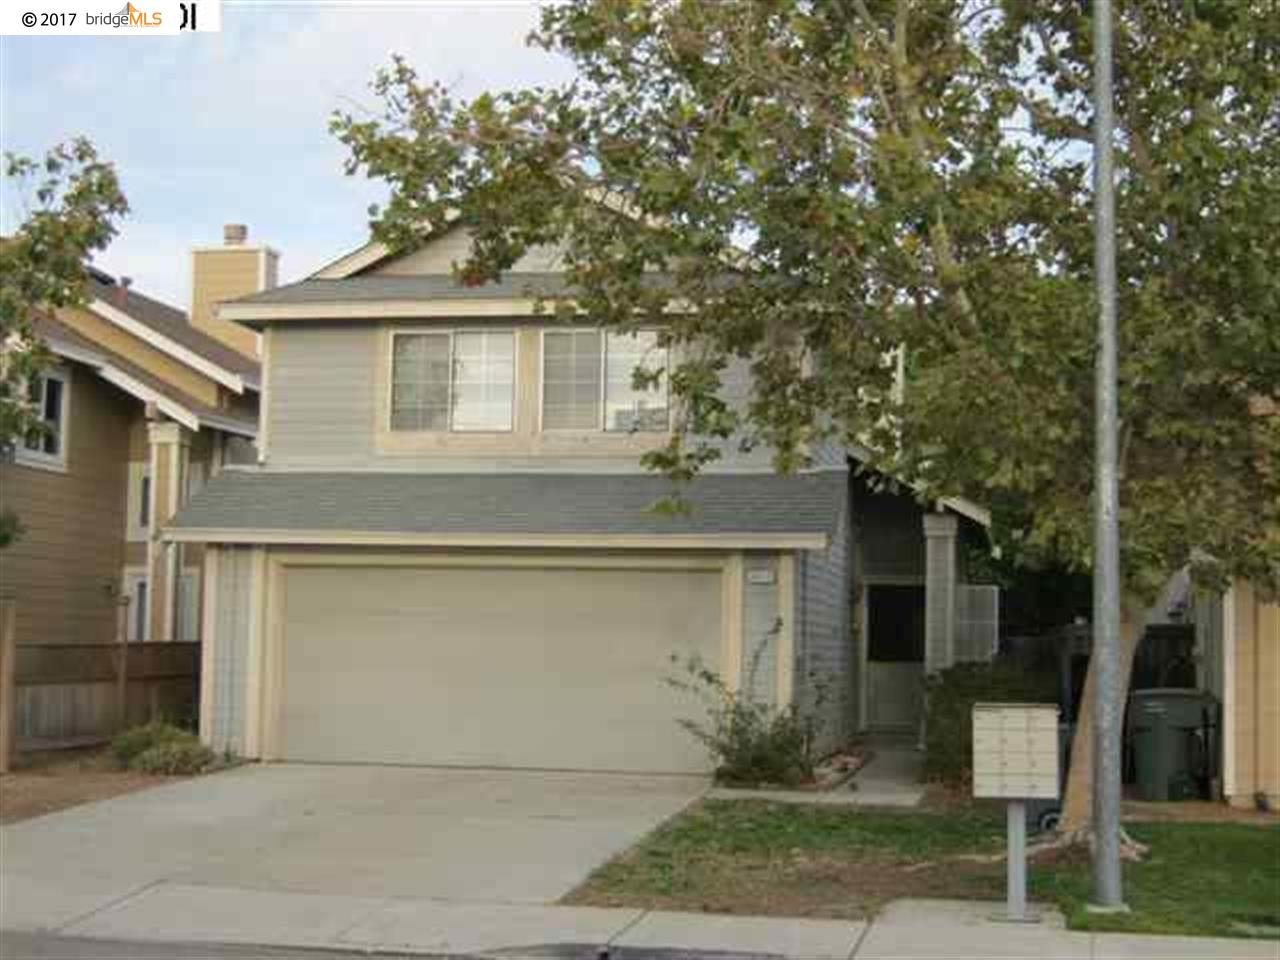 Casa Unifamiliar por un Alquiler en 4612 BAYSIDE WAY 4612 BAYSIDE WAY Oakley, California 94561 Estados Unidos